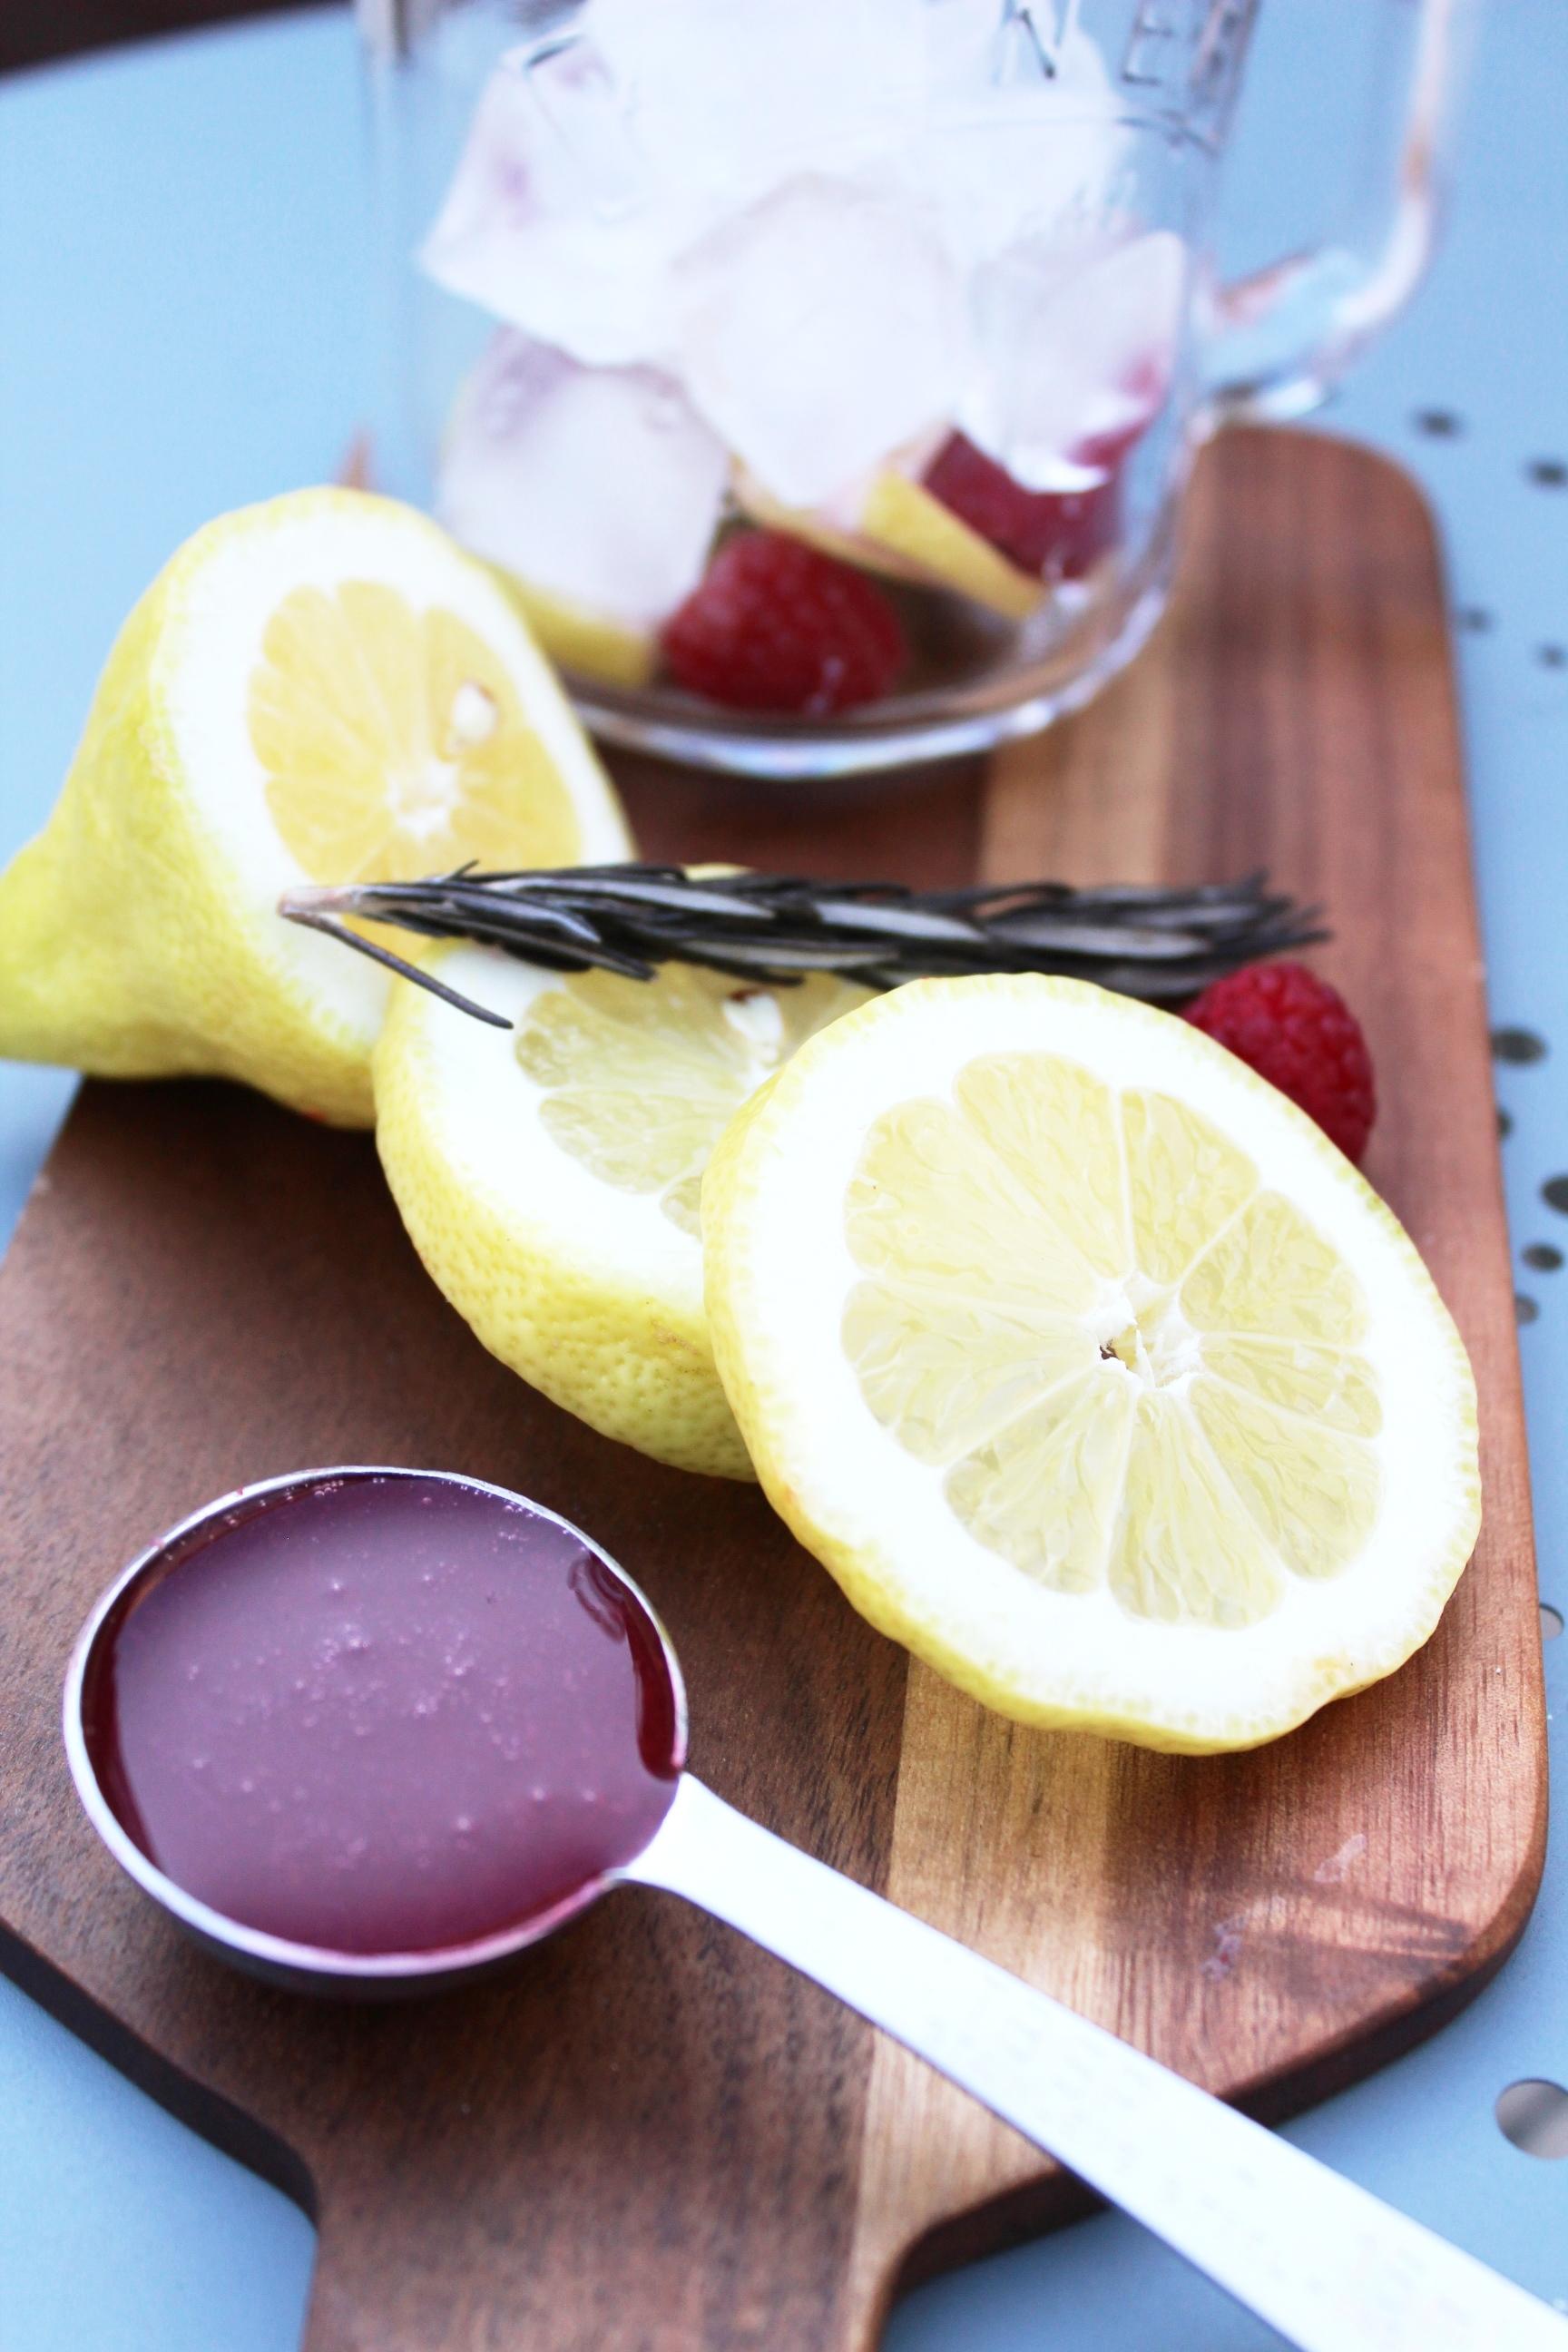 Honey-apricot-raspberry-lemonade-ingredients.JPG